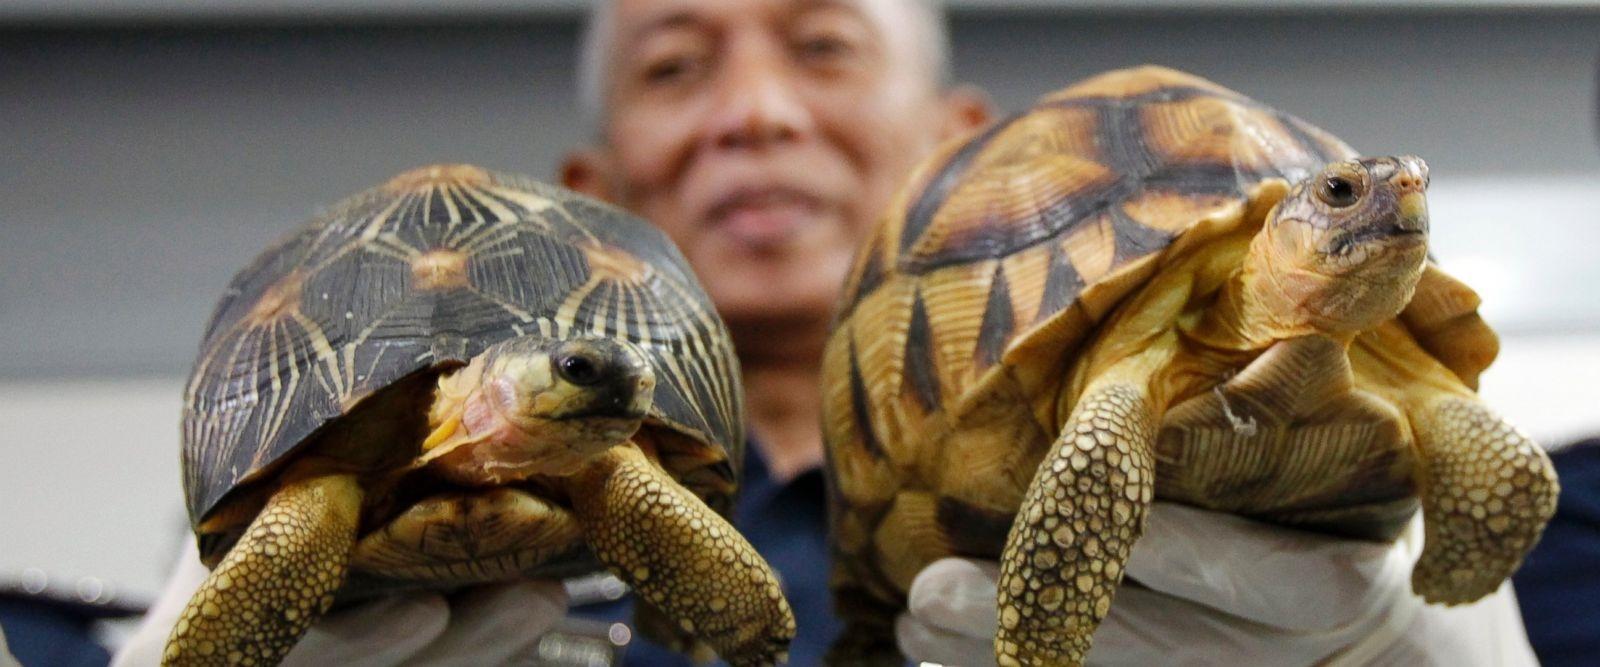 تصاویر | کشف قاچاق صدها لاکپشت در معرض انقراض در مالزی